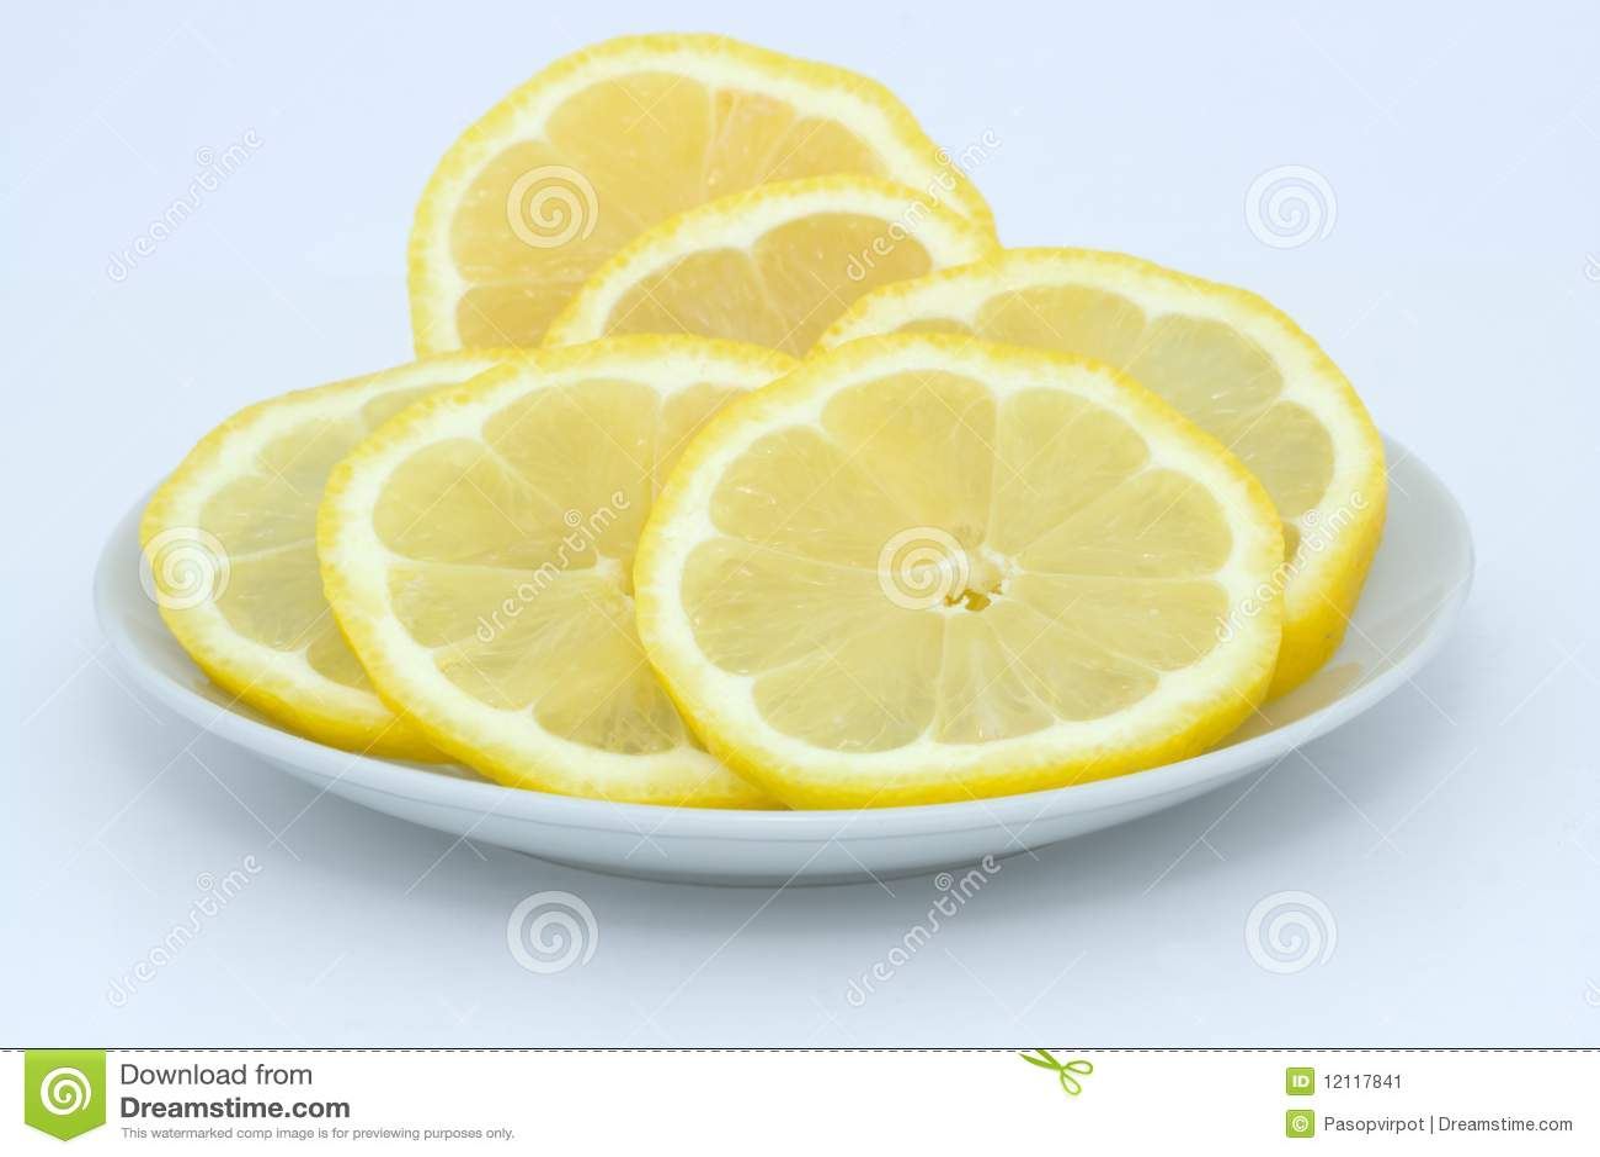 lemon slices stock image image of vitamin whole freshness 12117841